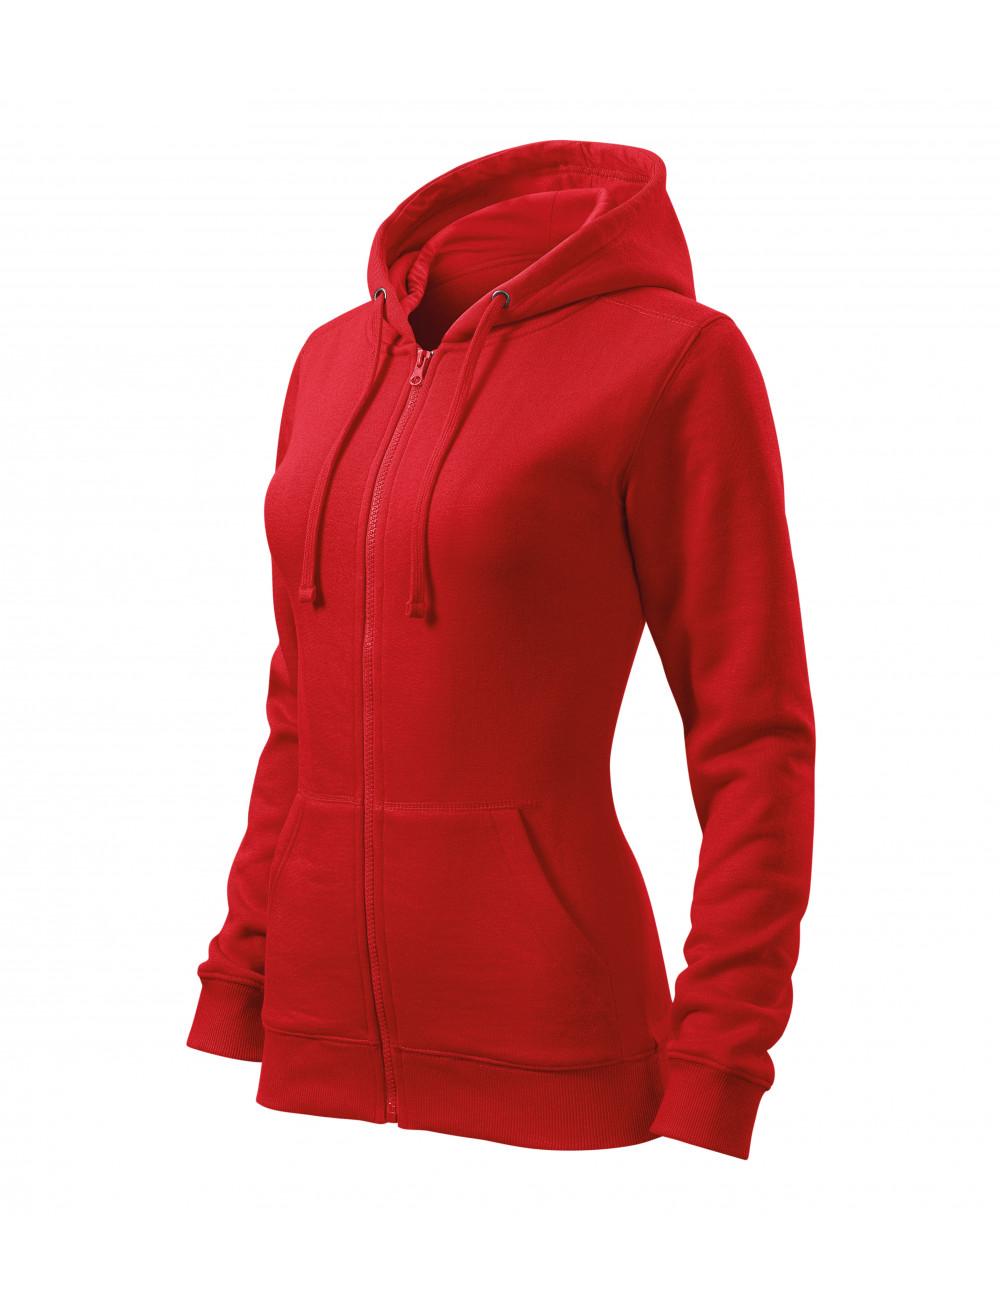 Adler MALFINI Bluza damska Trendy Zipper 411 czerwony